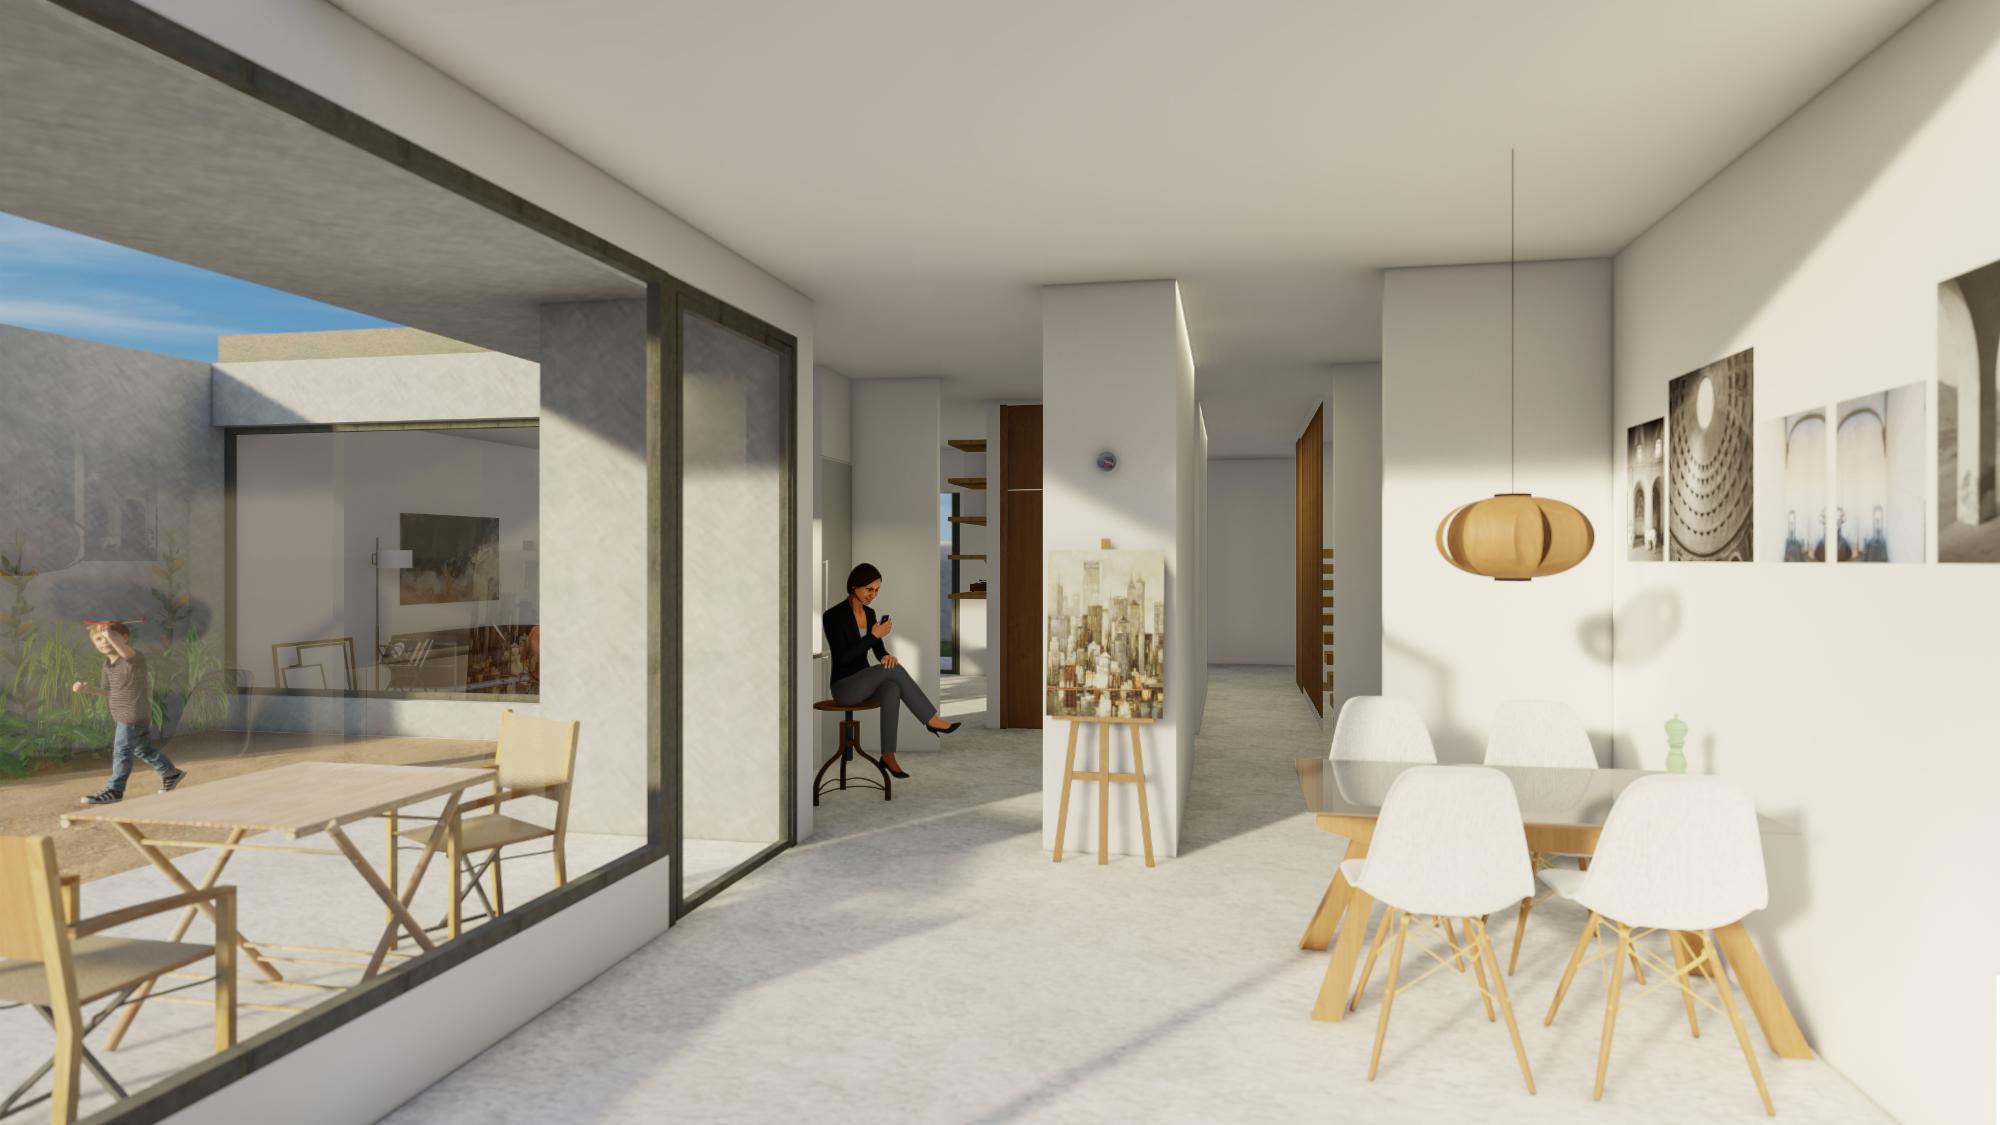 comedor y cocina con vistas a la terraza trasera de la vivienda de nueva construcción unifamiliar al lado del Arboretum, en Lleida